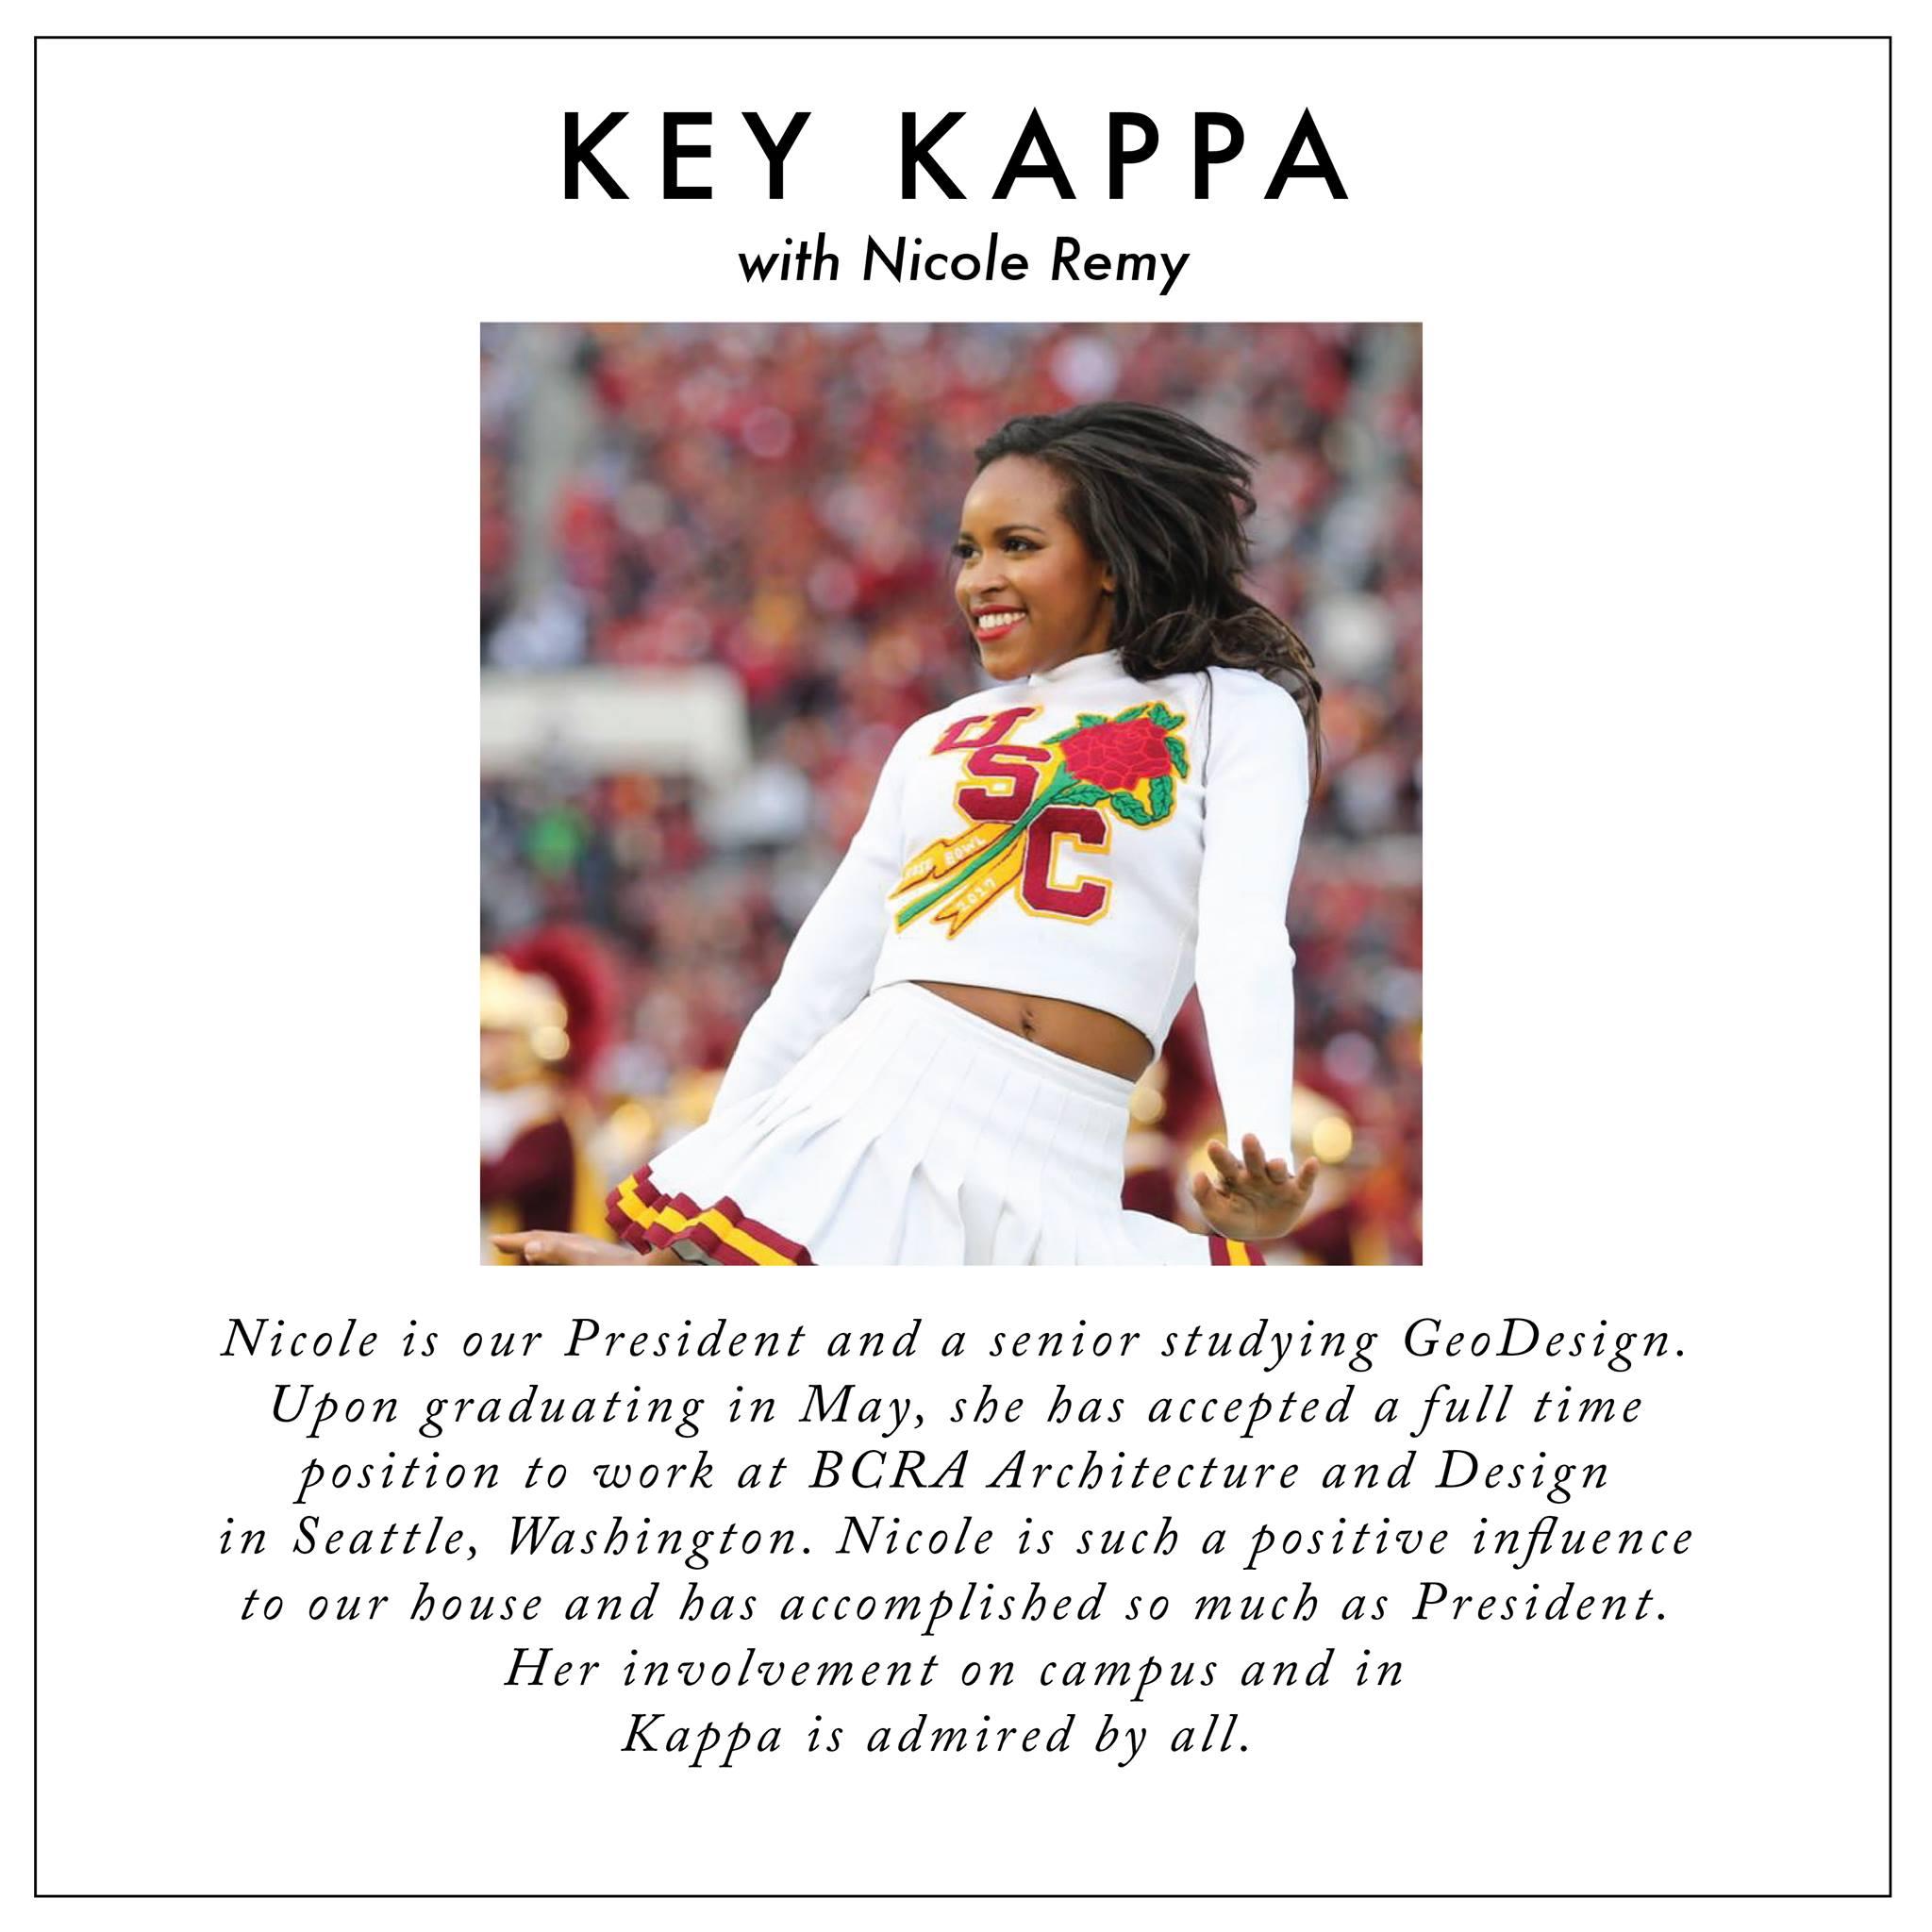 Key Kappas